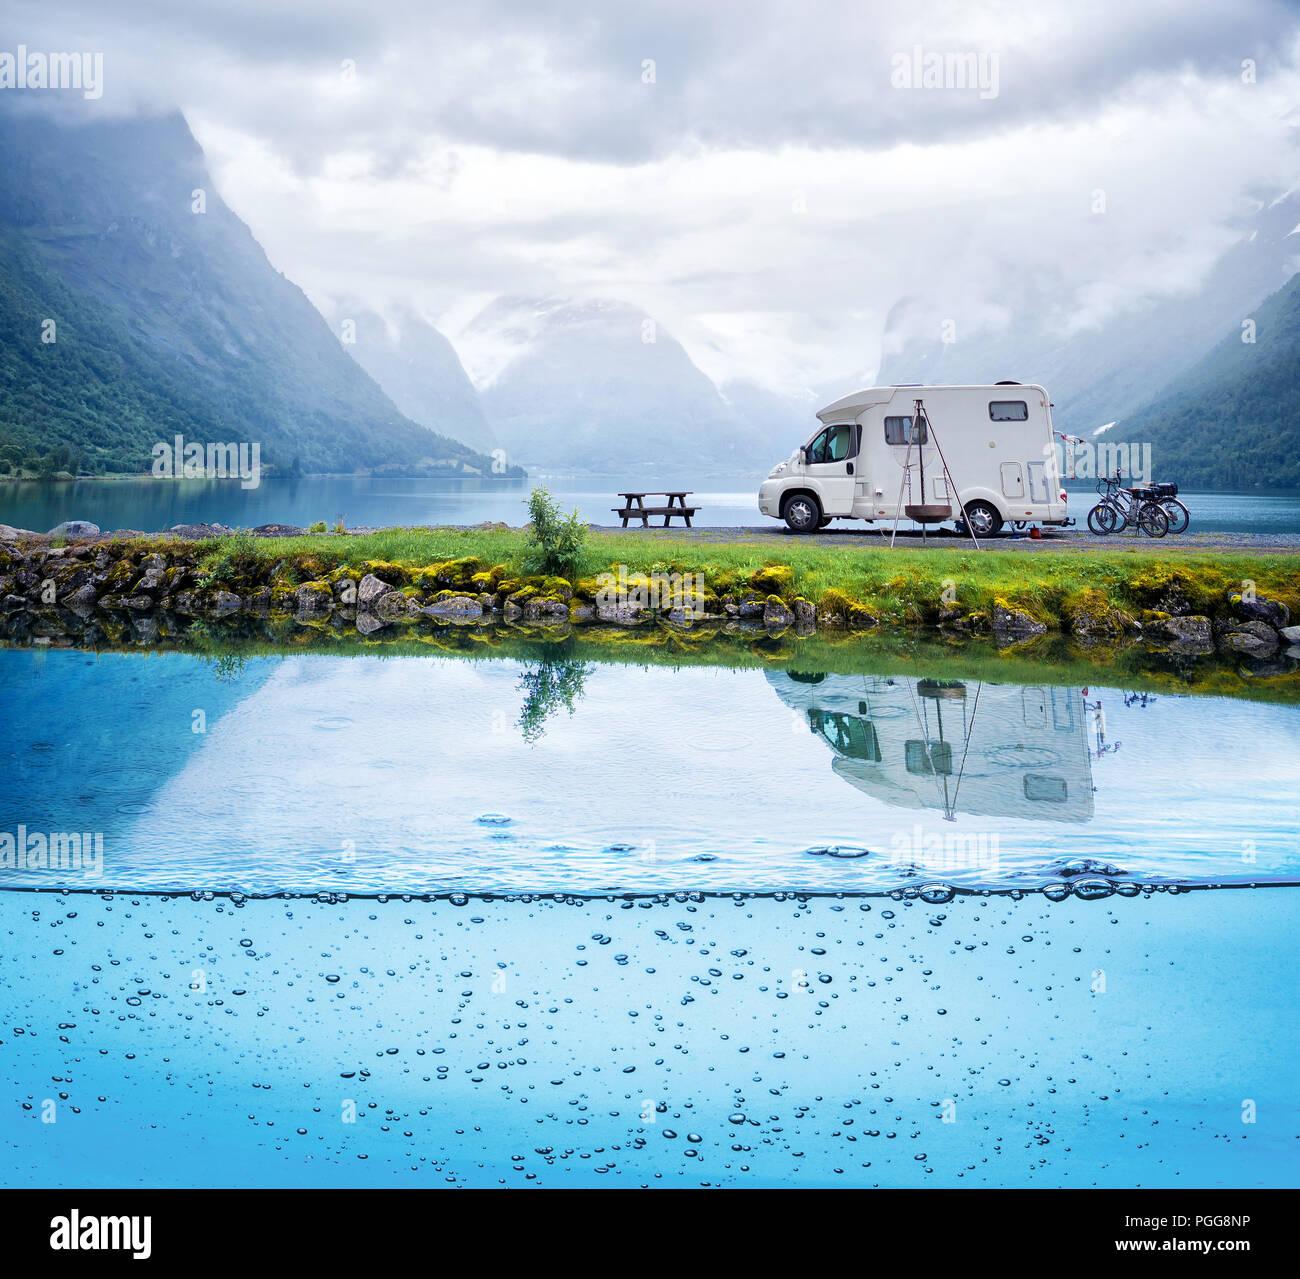 Familienurlaub reisen RV, Urlaub im Reisemobil, Caravan Auto Urlaub. Schöne Natur Norwegen natürliche Landschaft. Stockbild